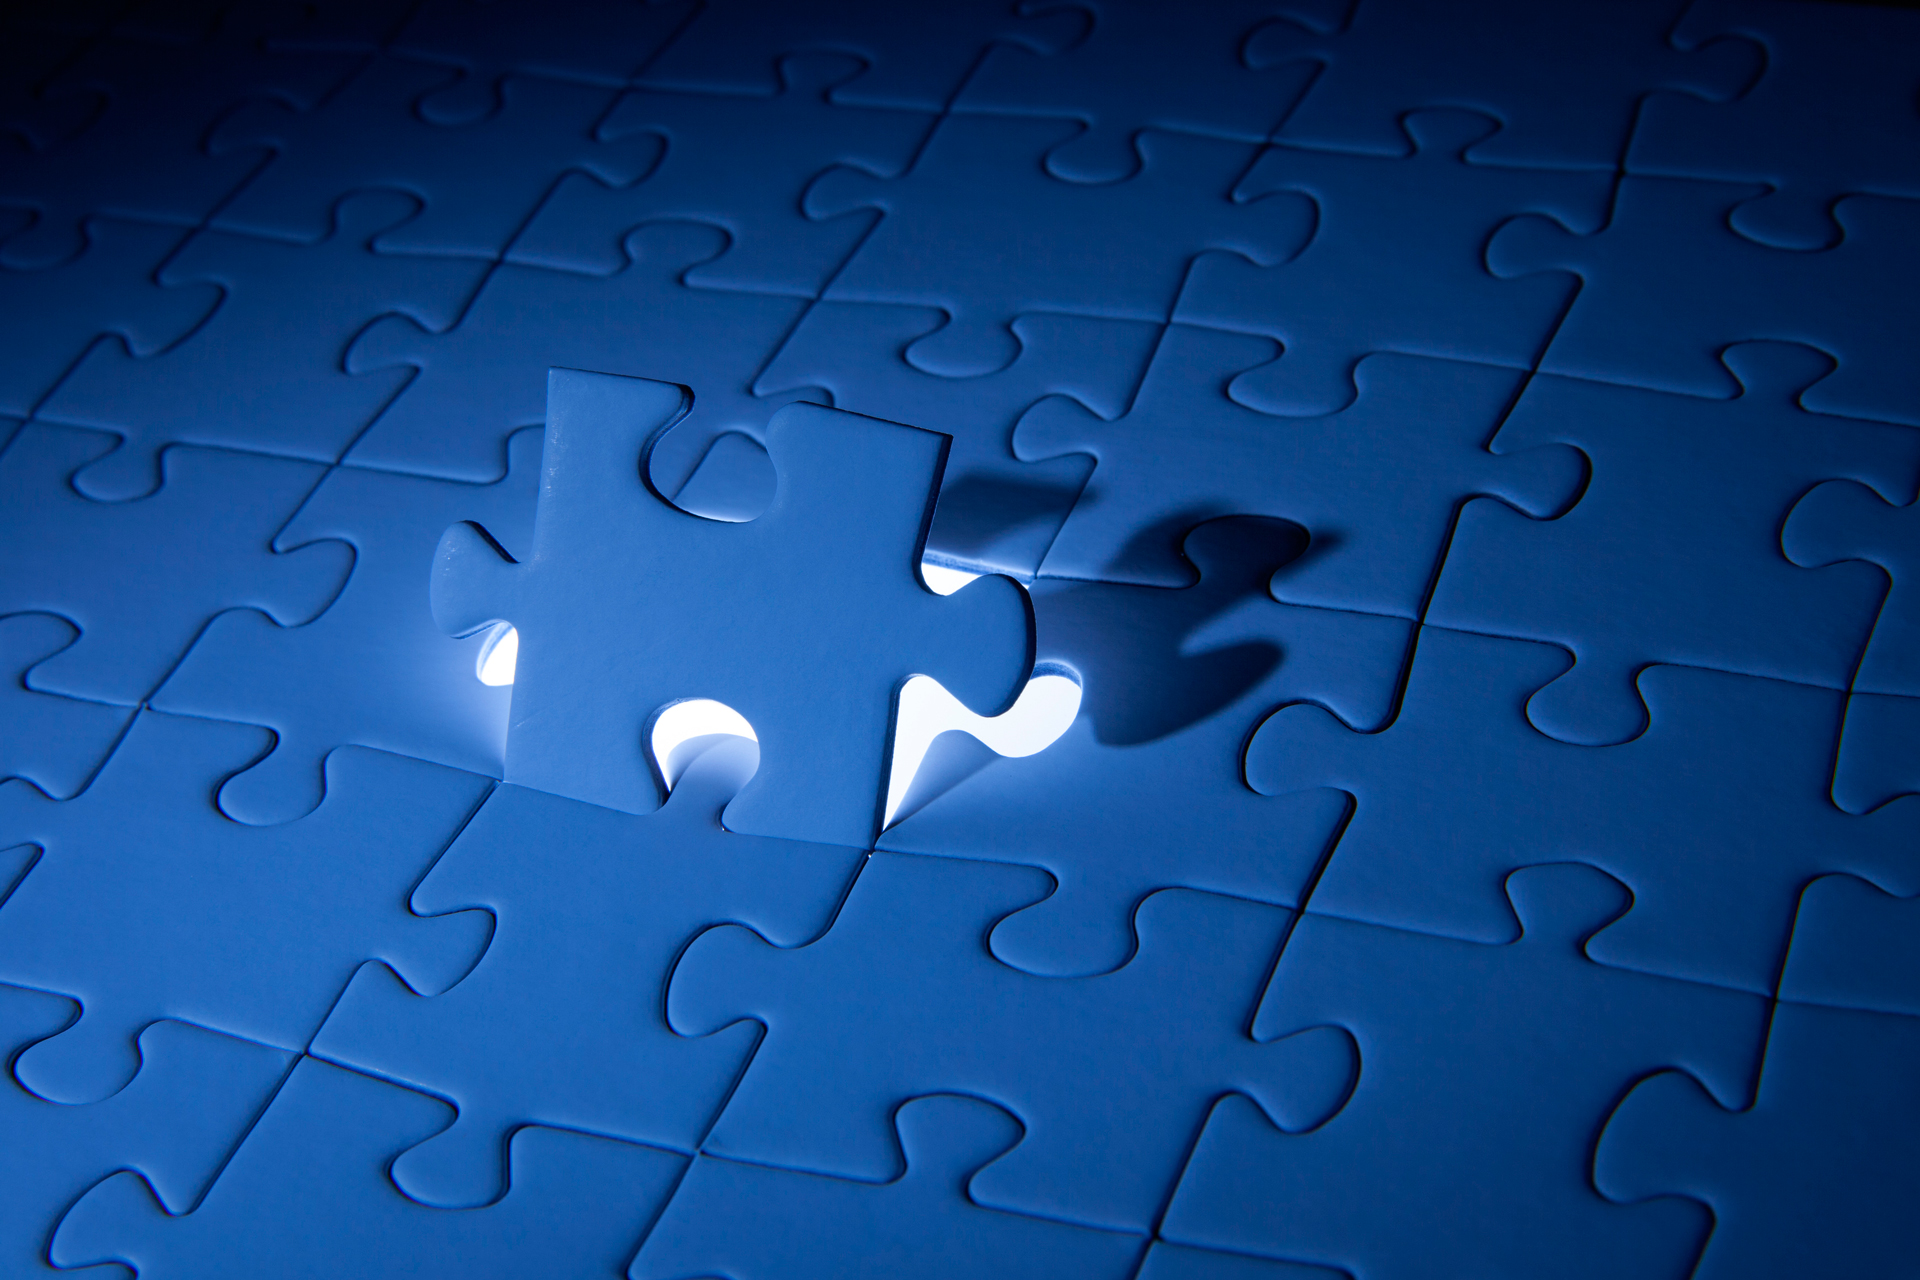 Imagen de un puzzle donde se encaja la ultima pieza que falta